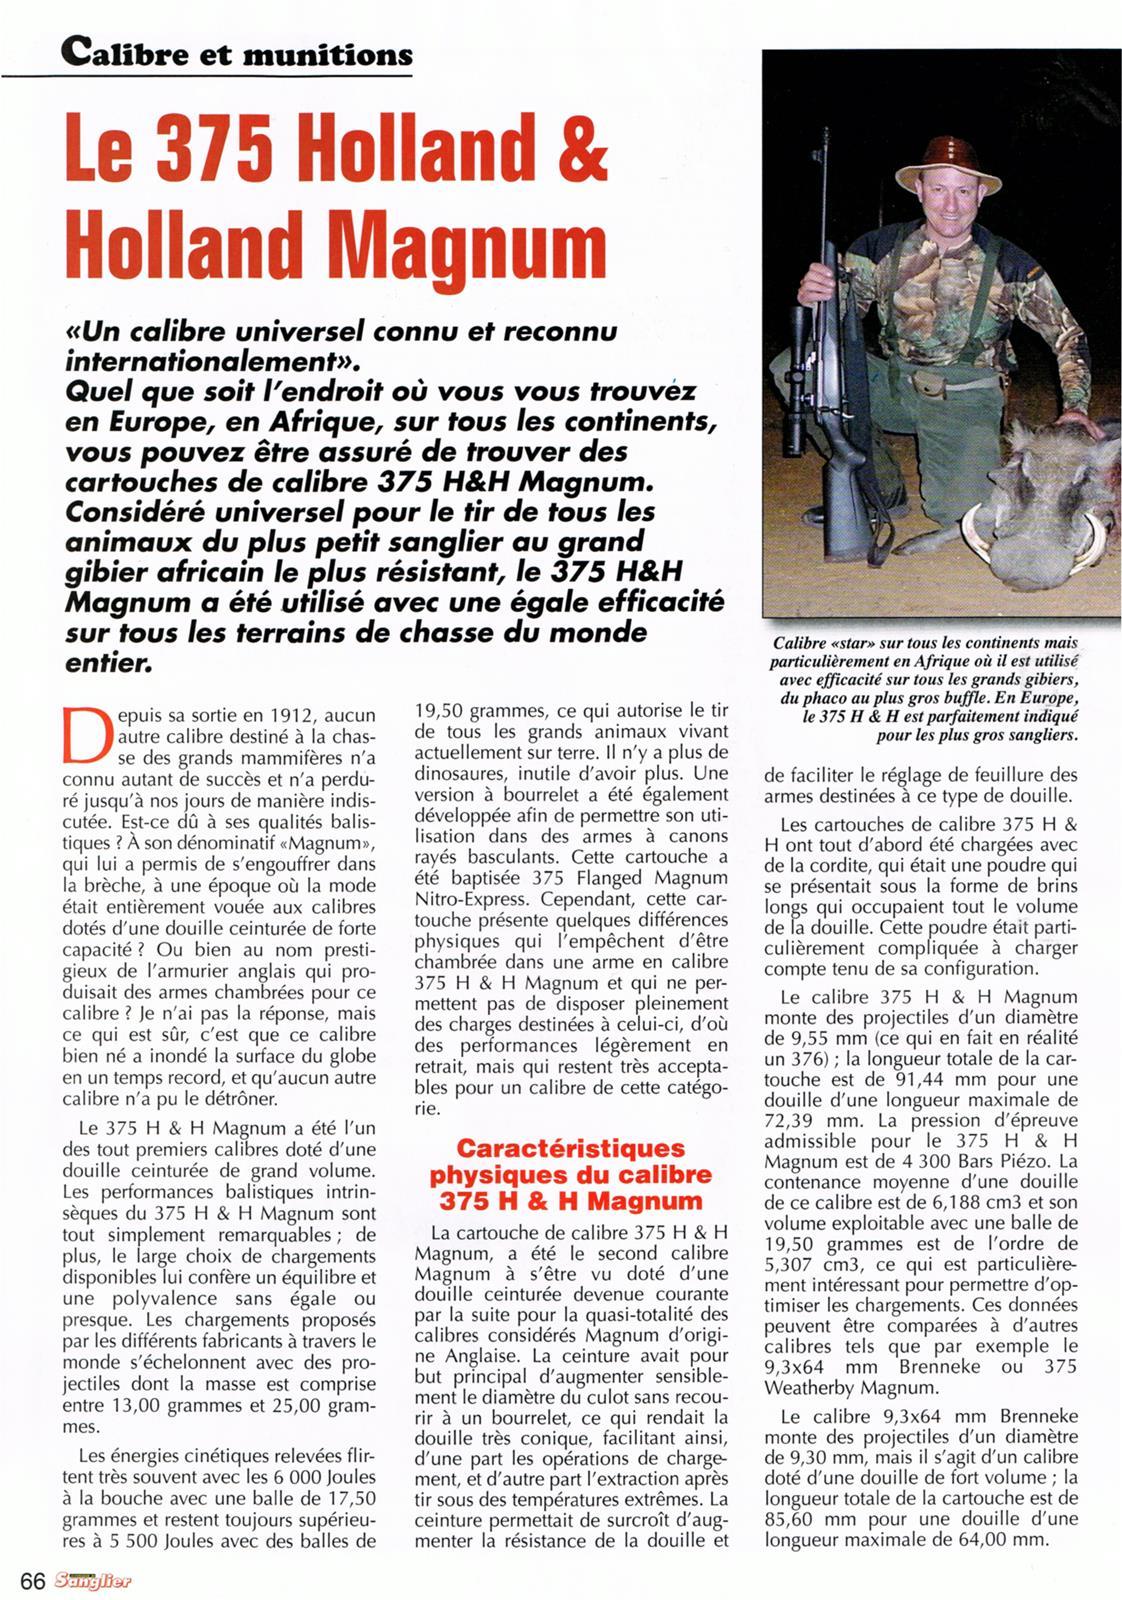 http://www.chasseurdesanglier.com/wp-content/uploads/2013/09/LE-CHASSEUR-DE-SANGLIER-N-200-P661.jpg